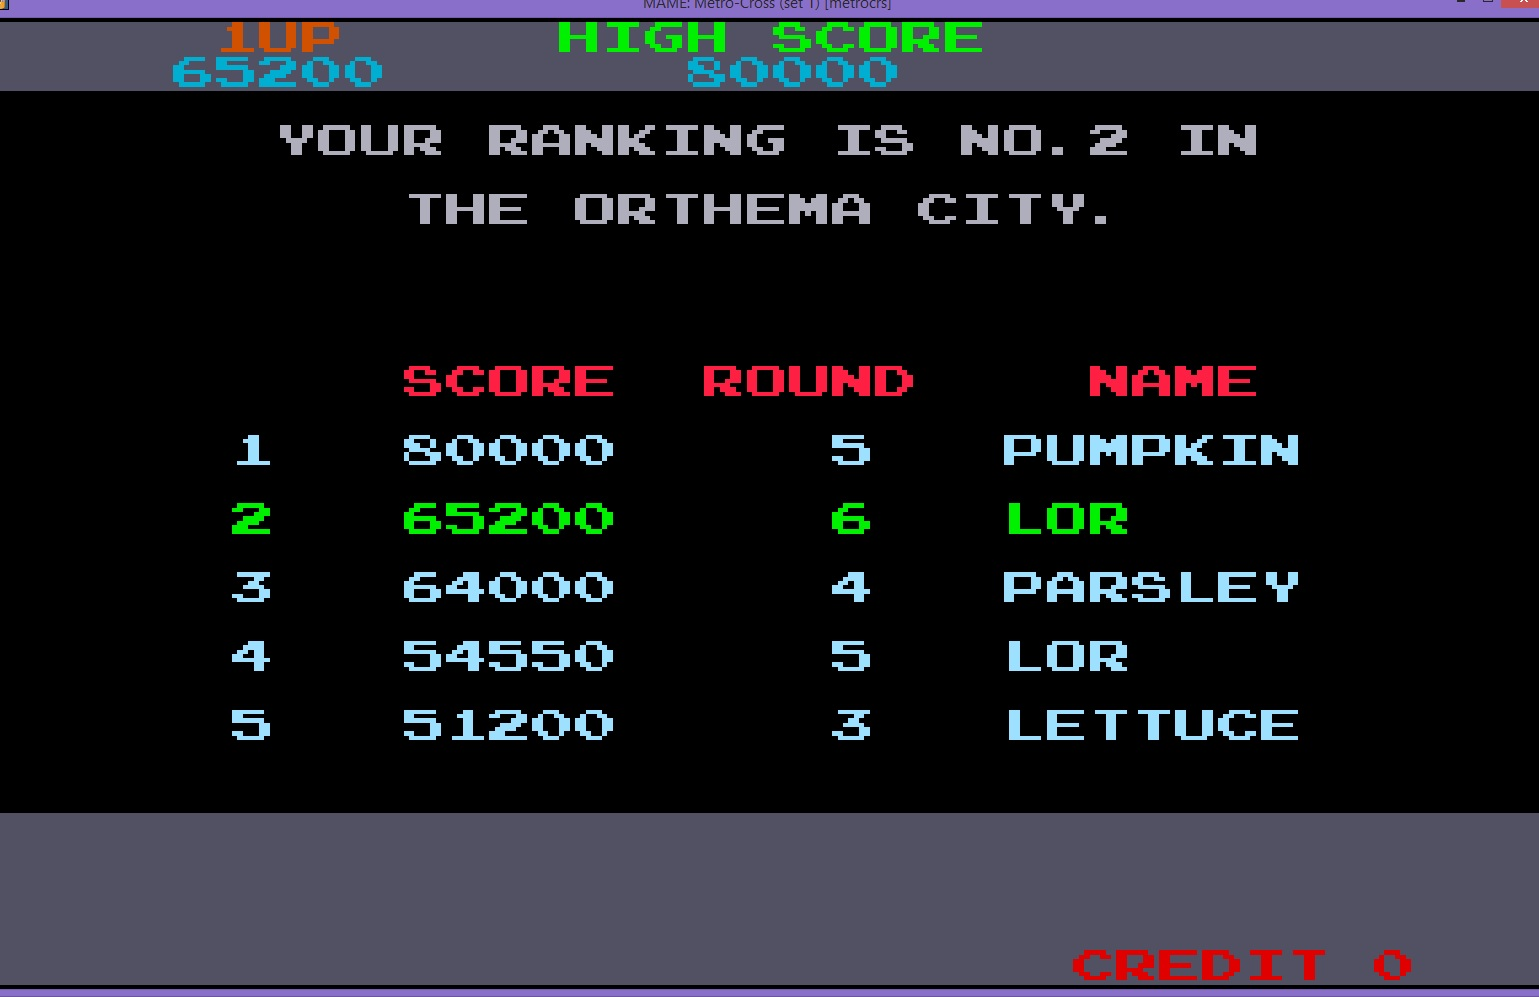 Metro-Cross 65,200 points